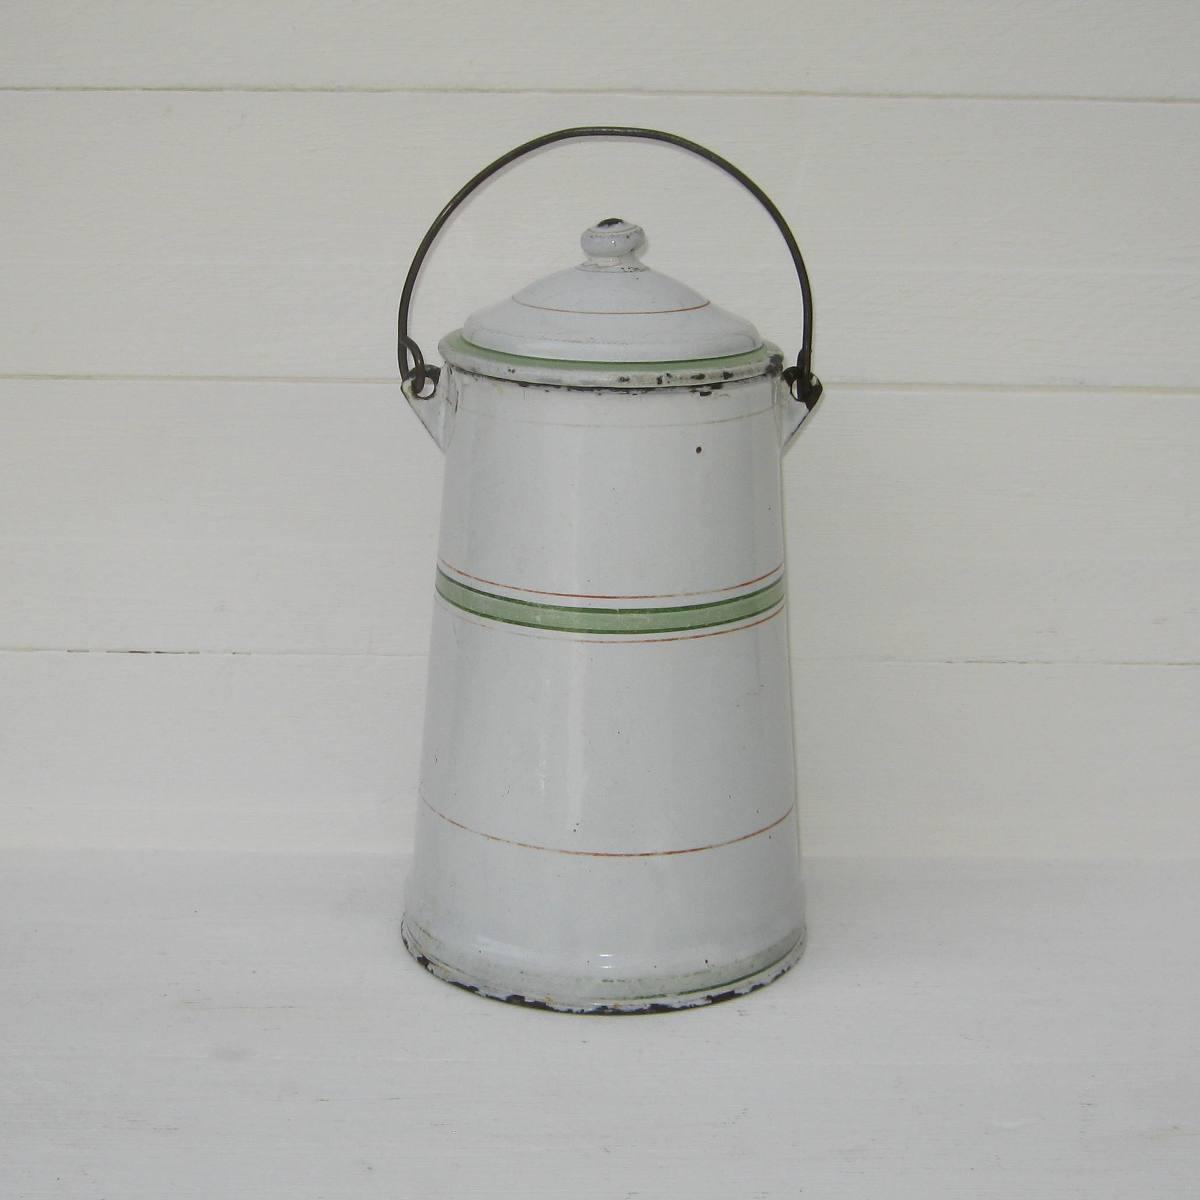 Ancienne laitiere en tole emaillee blanche a traits verts pot a lait 1